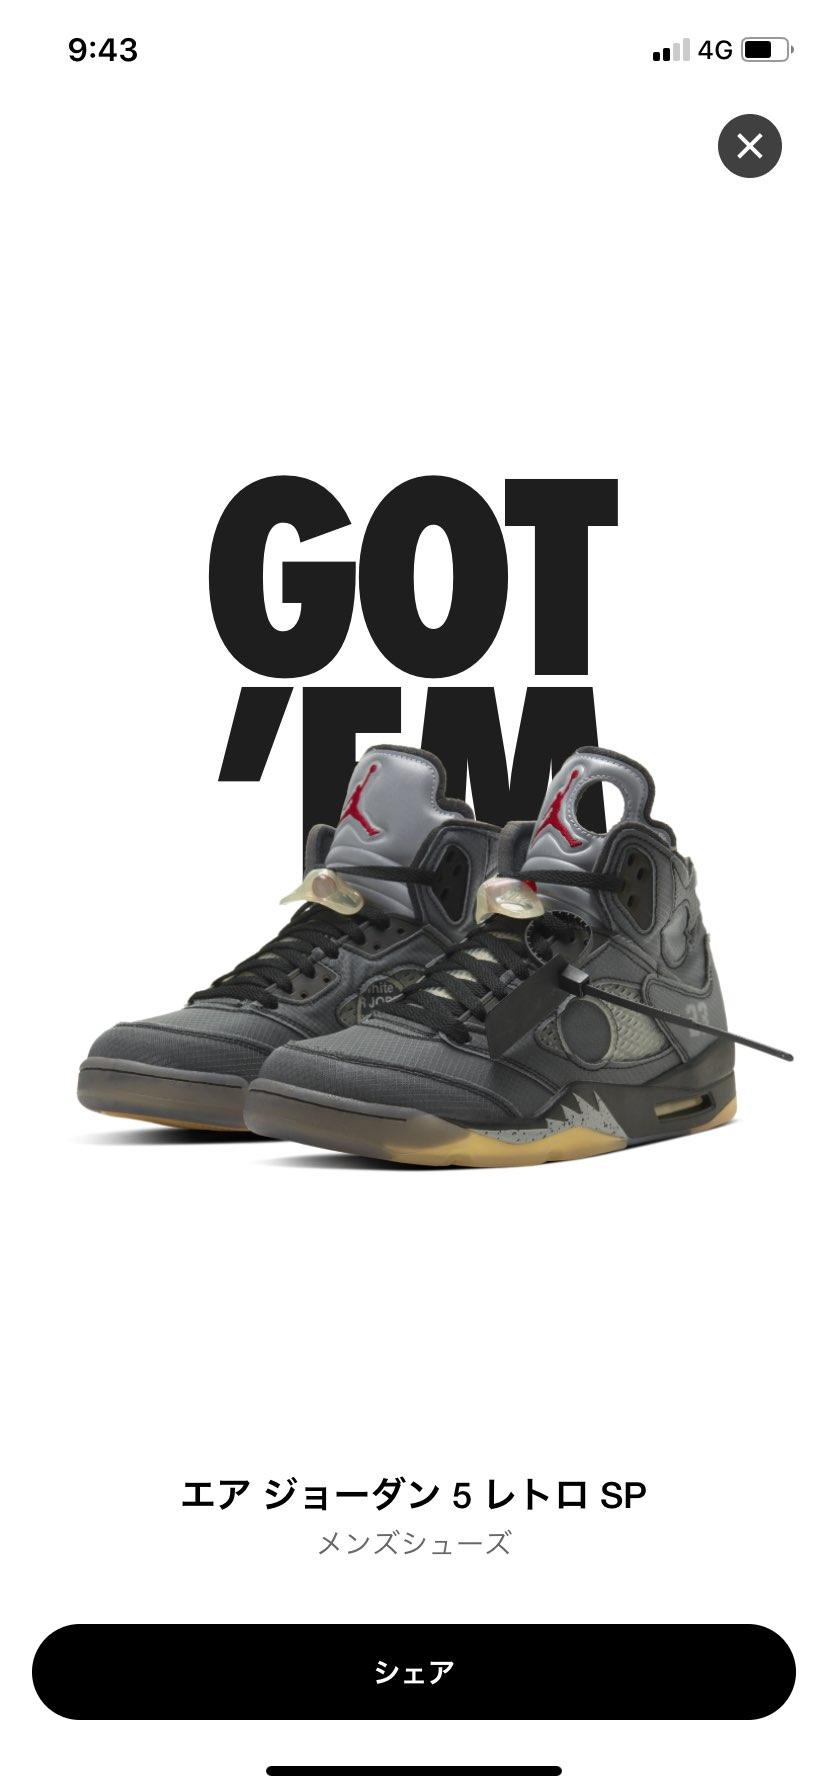 sneakers始めて はや数年 初めて当選画面見た